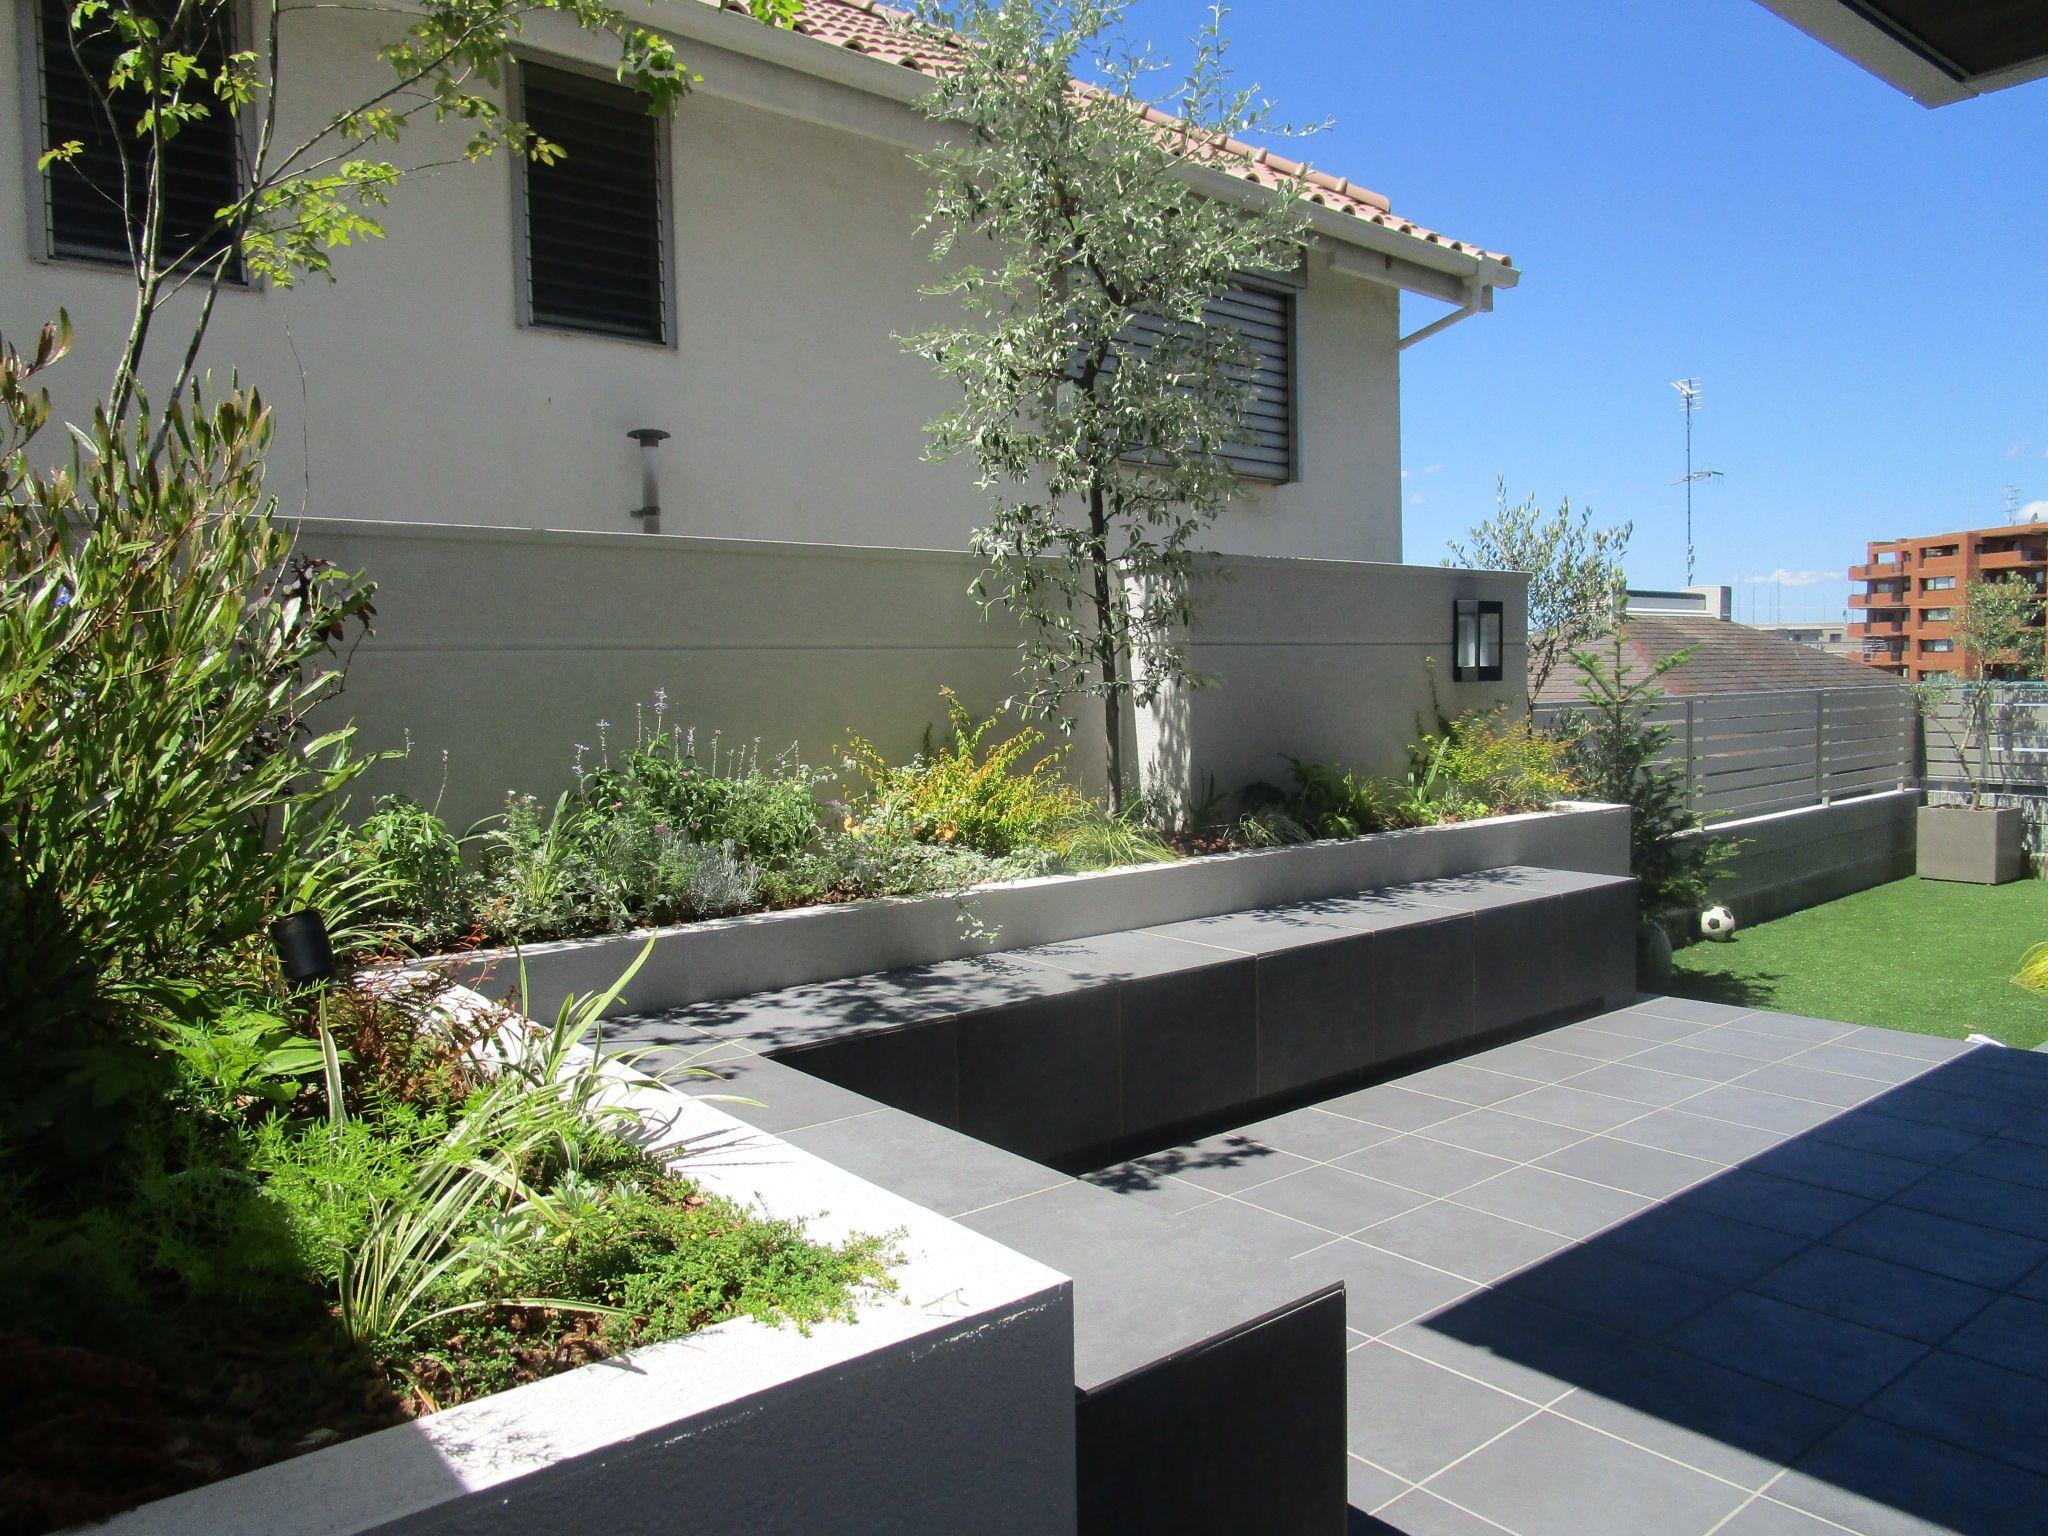 グレーのタイルテラスの庭